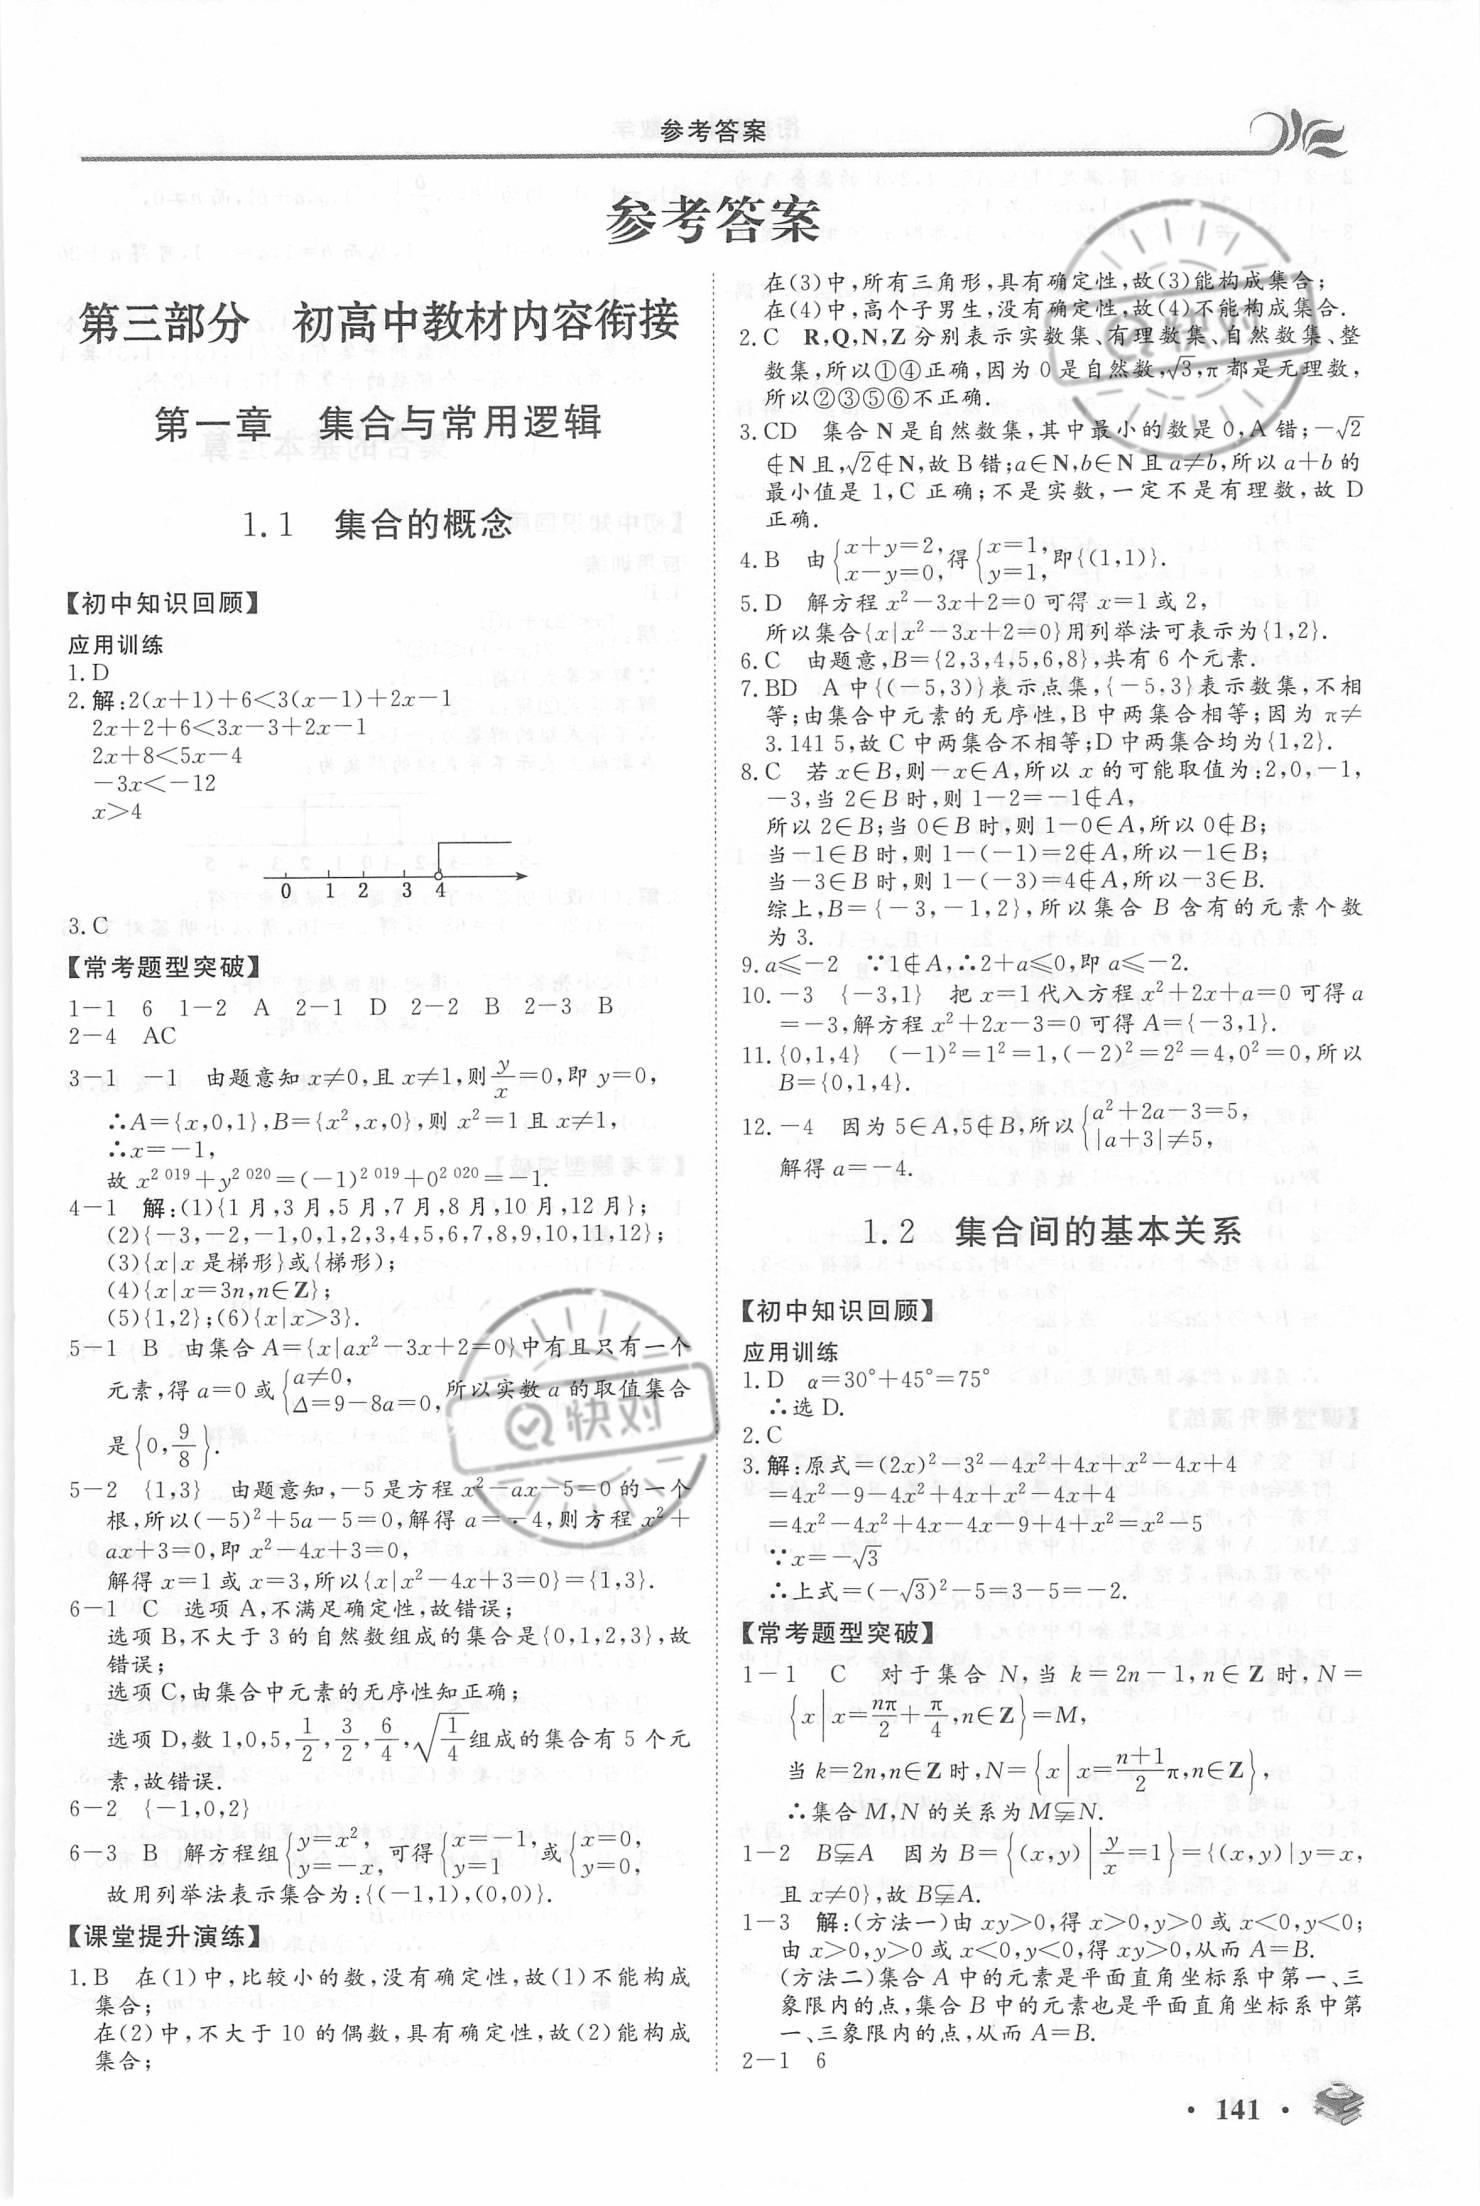 2021年初升高衔接教材(暑假)初中数学通用版阳光出版社